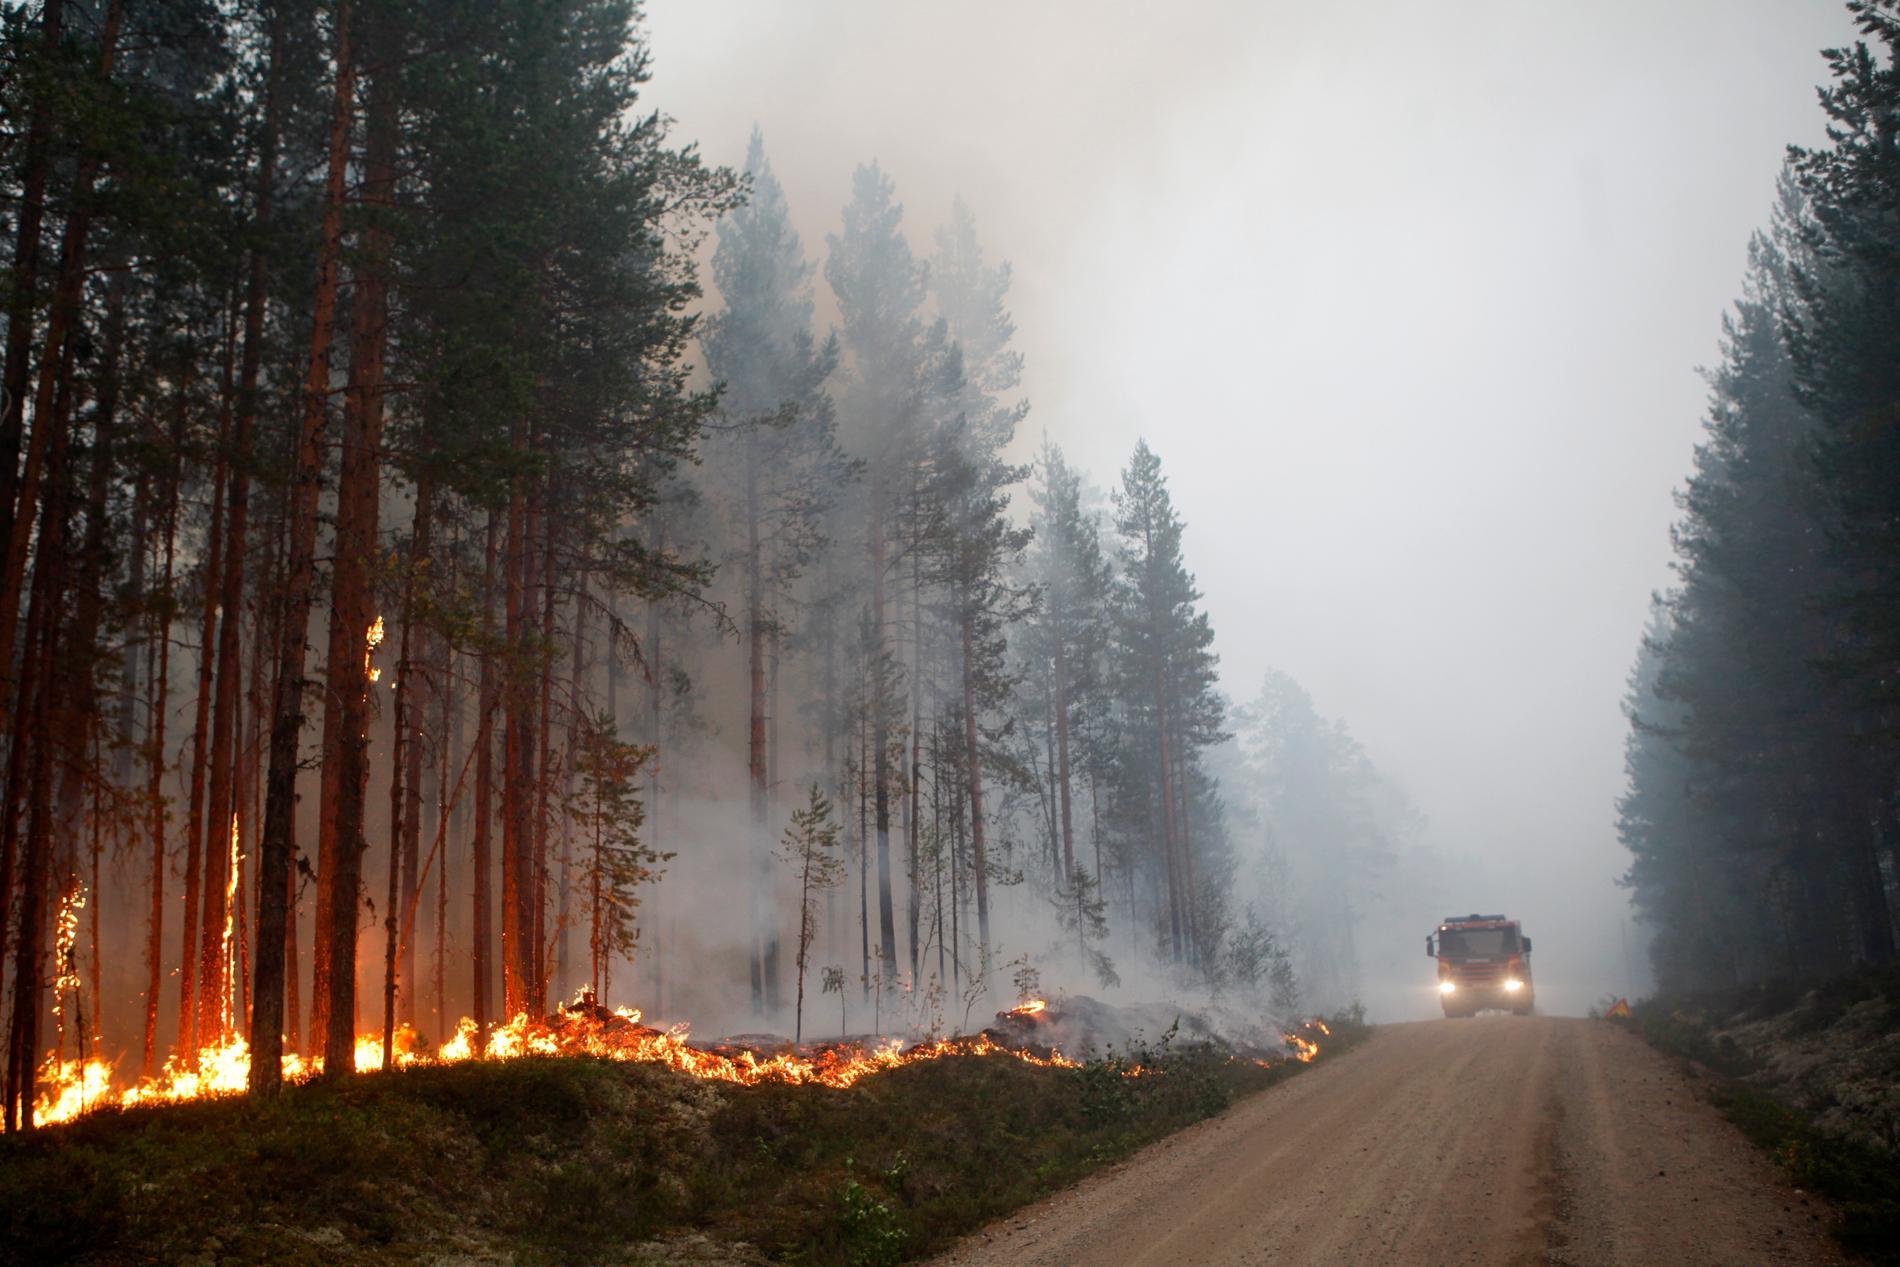 Det pågår en skogsbrand vid Kårböle strax utanför Ljusdal, men ett skyfall har minimerat spridningsrisken. Arkivbild.